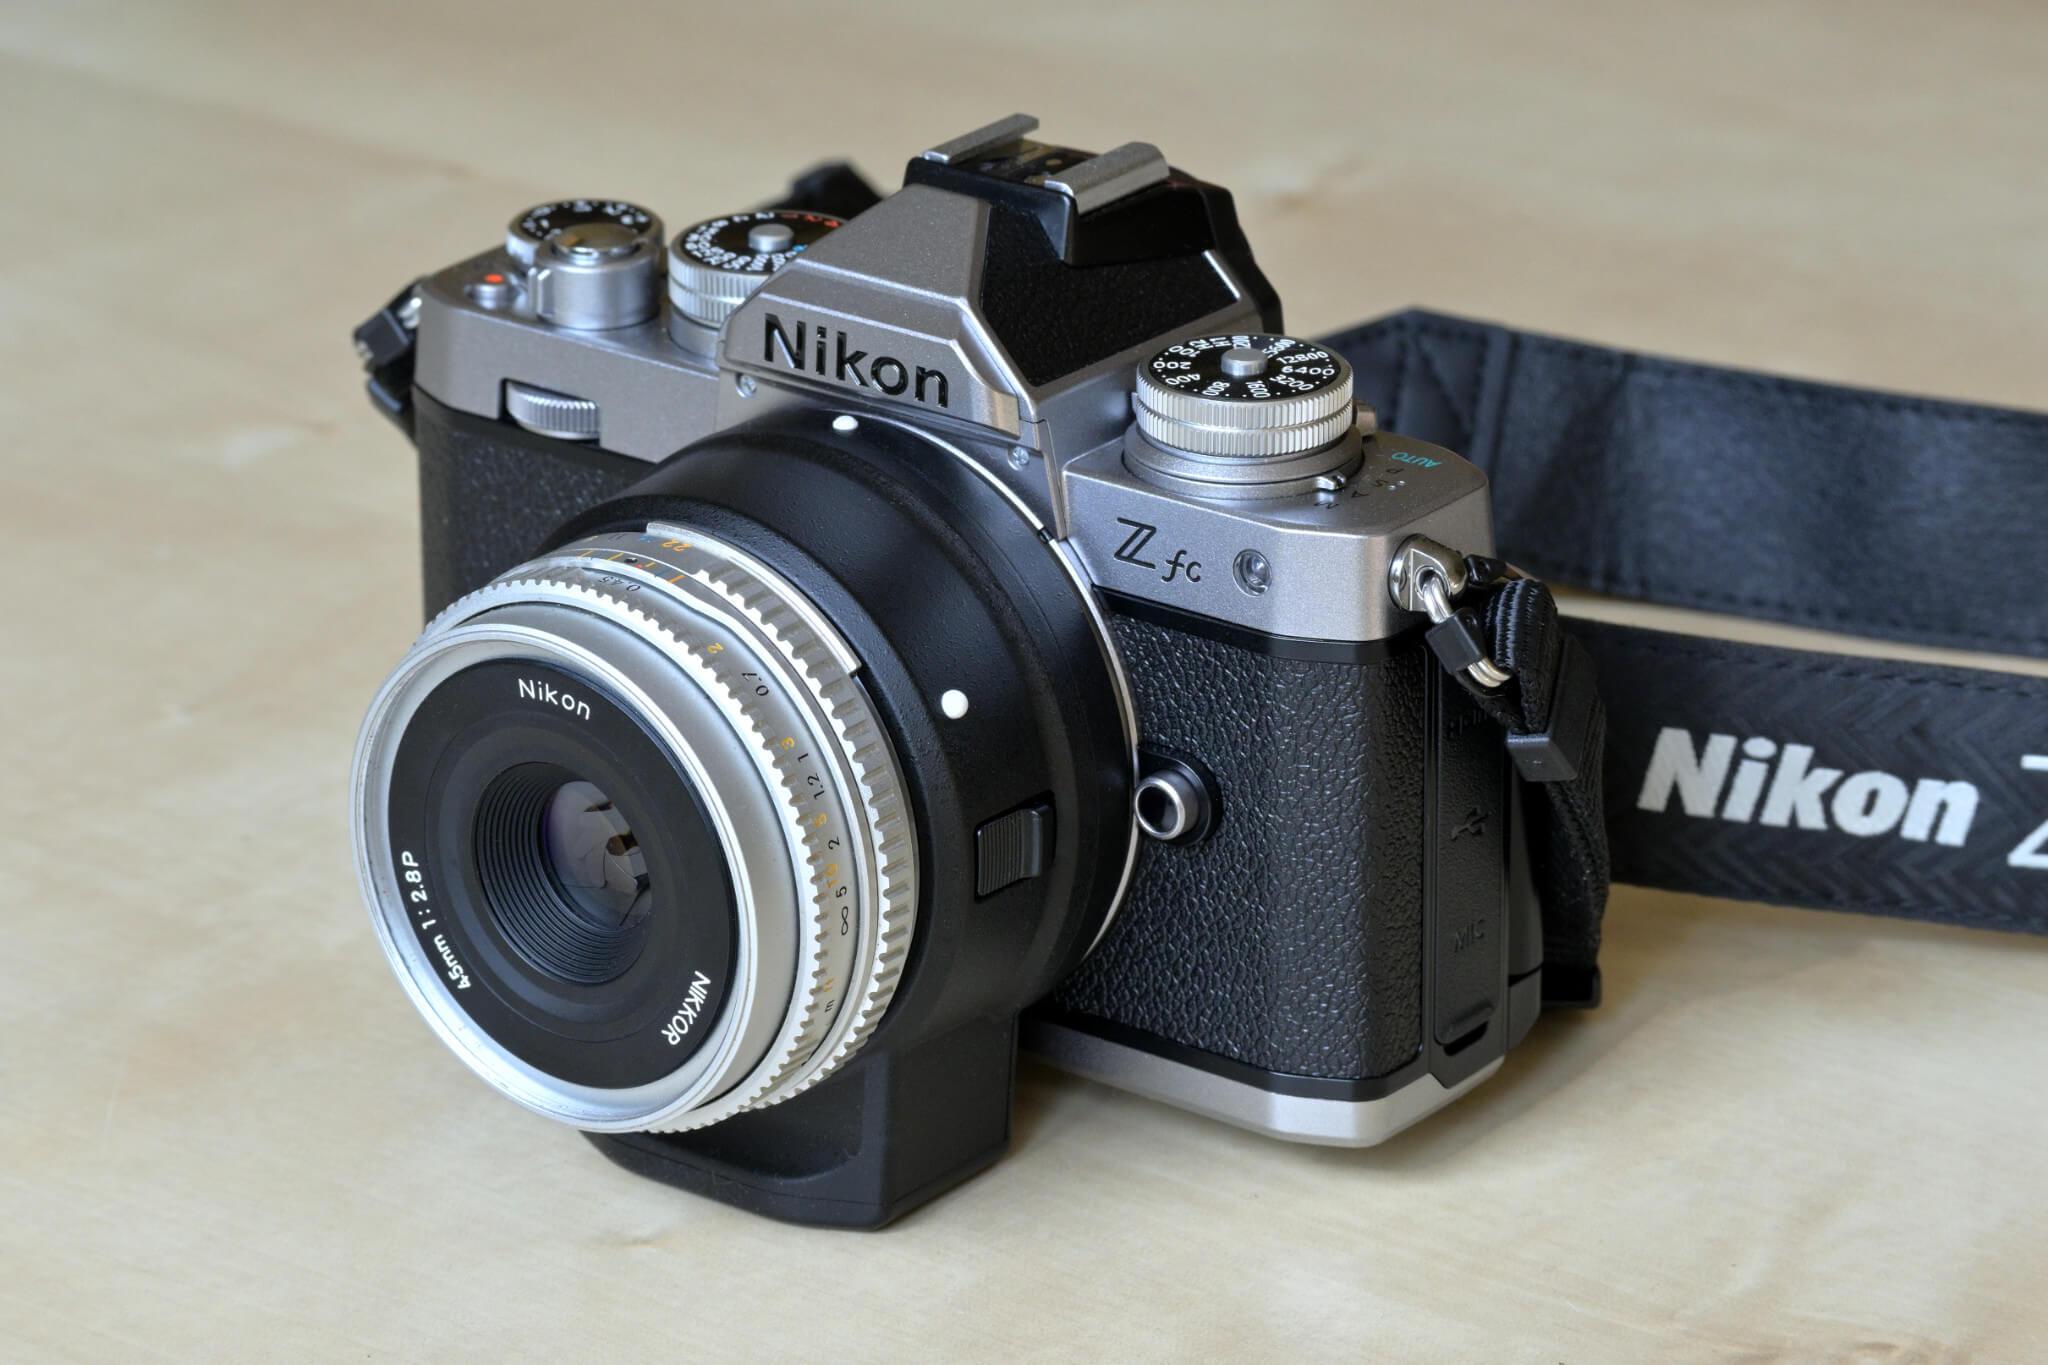 Adaptér FTZ popravdě Nikonu Z fc nesluší